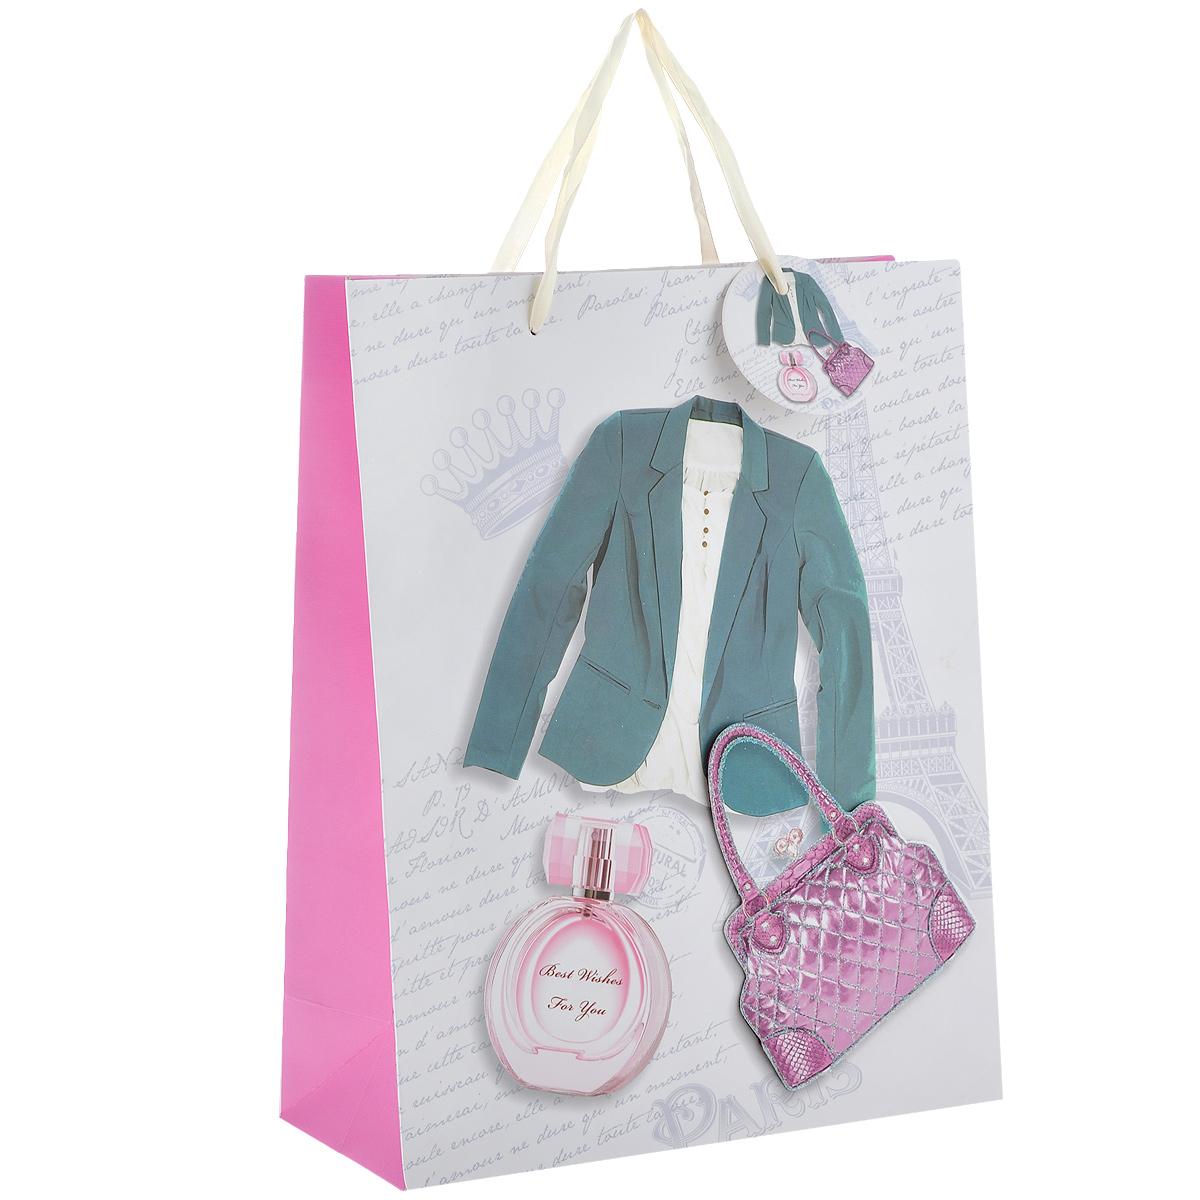 Пакет подарочный Дамский стиль, 26 х 10 х 32 см1022-SB Пакет Дамский стильДизайнерский подарочный пакет Дамский стиль выполнен из плотной бумаги, оформлен изображением зеленого пиджака, парфюма и аппликацией в виде розовой сумочки, покрытой сверкающими блестками. Дно изделия укреплено плотным картоном, который позволяет сохранить форму пакета и исключает возможность деформации дна под тяжестью подарка. Для удобной переноски имеются две атласные ручки.Подарок, преподнесенный в оригинальной упаковке, всегда будет самым эффектным и запоминающимся. Окружите близких людей вниманием и заботой, вручив презент в нарядном праздничном оформлении.